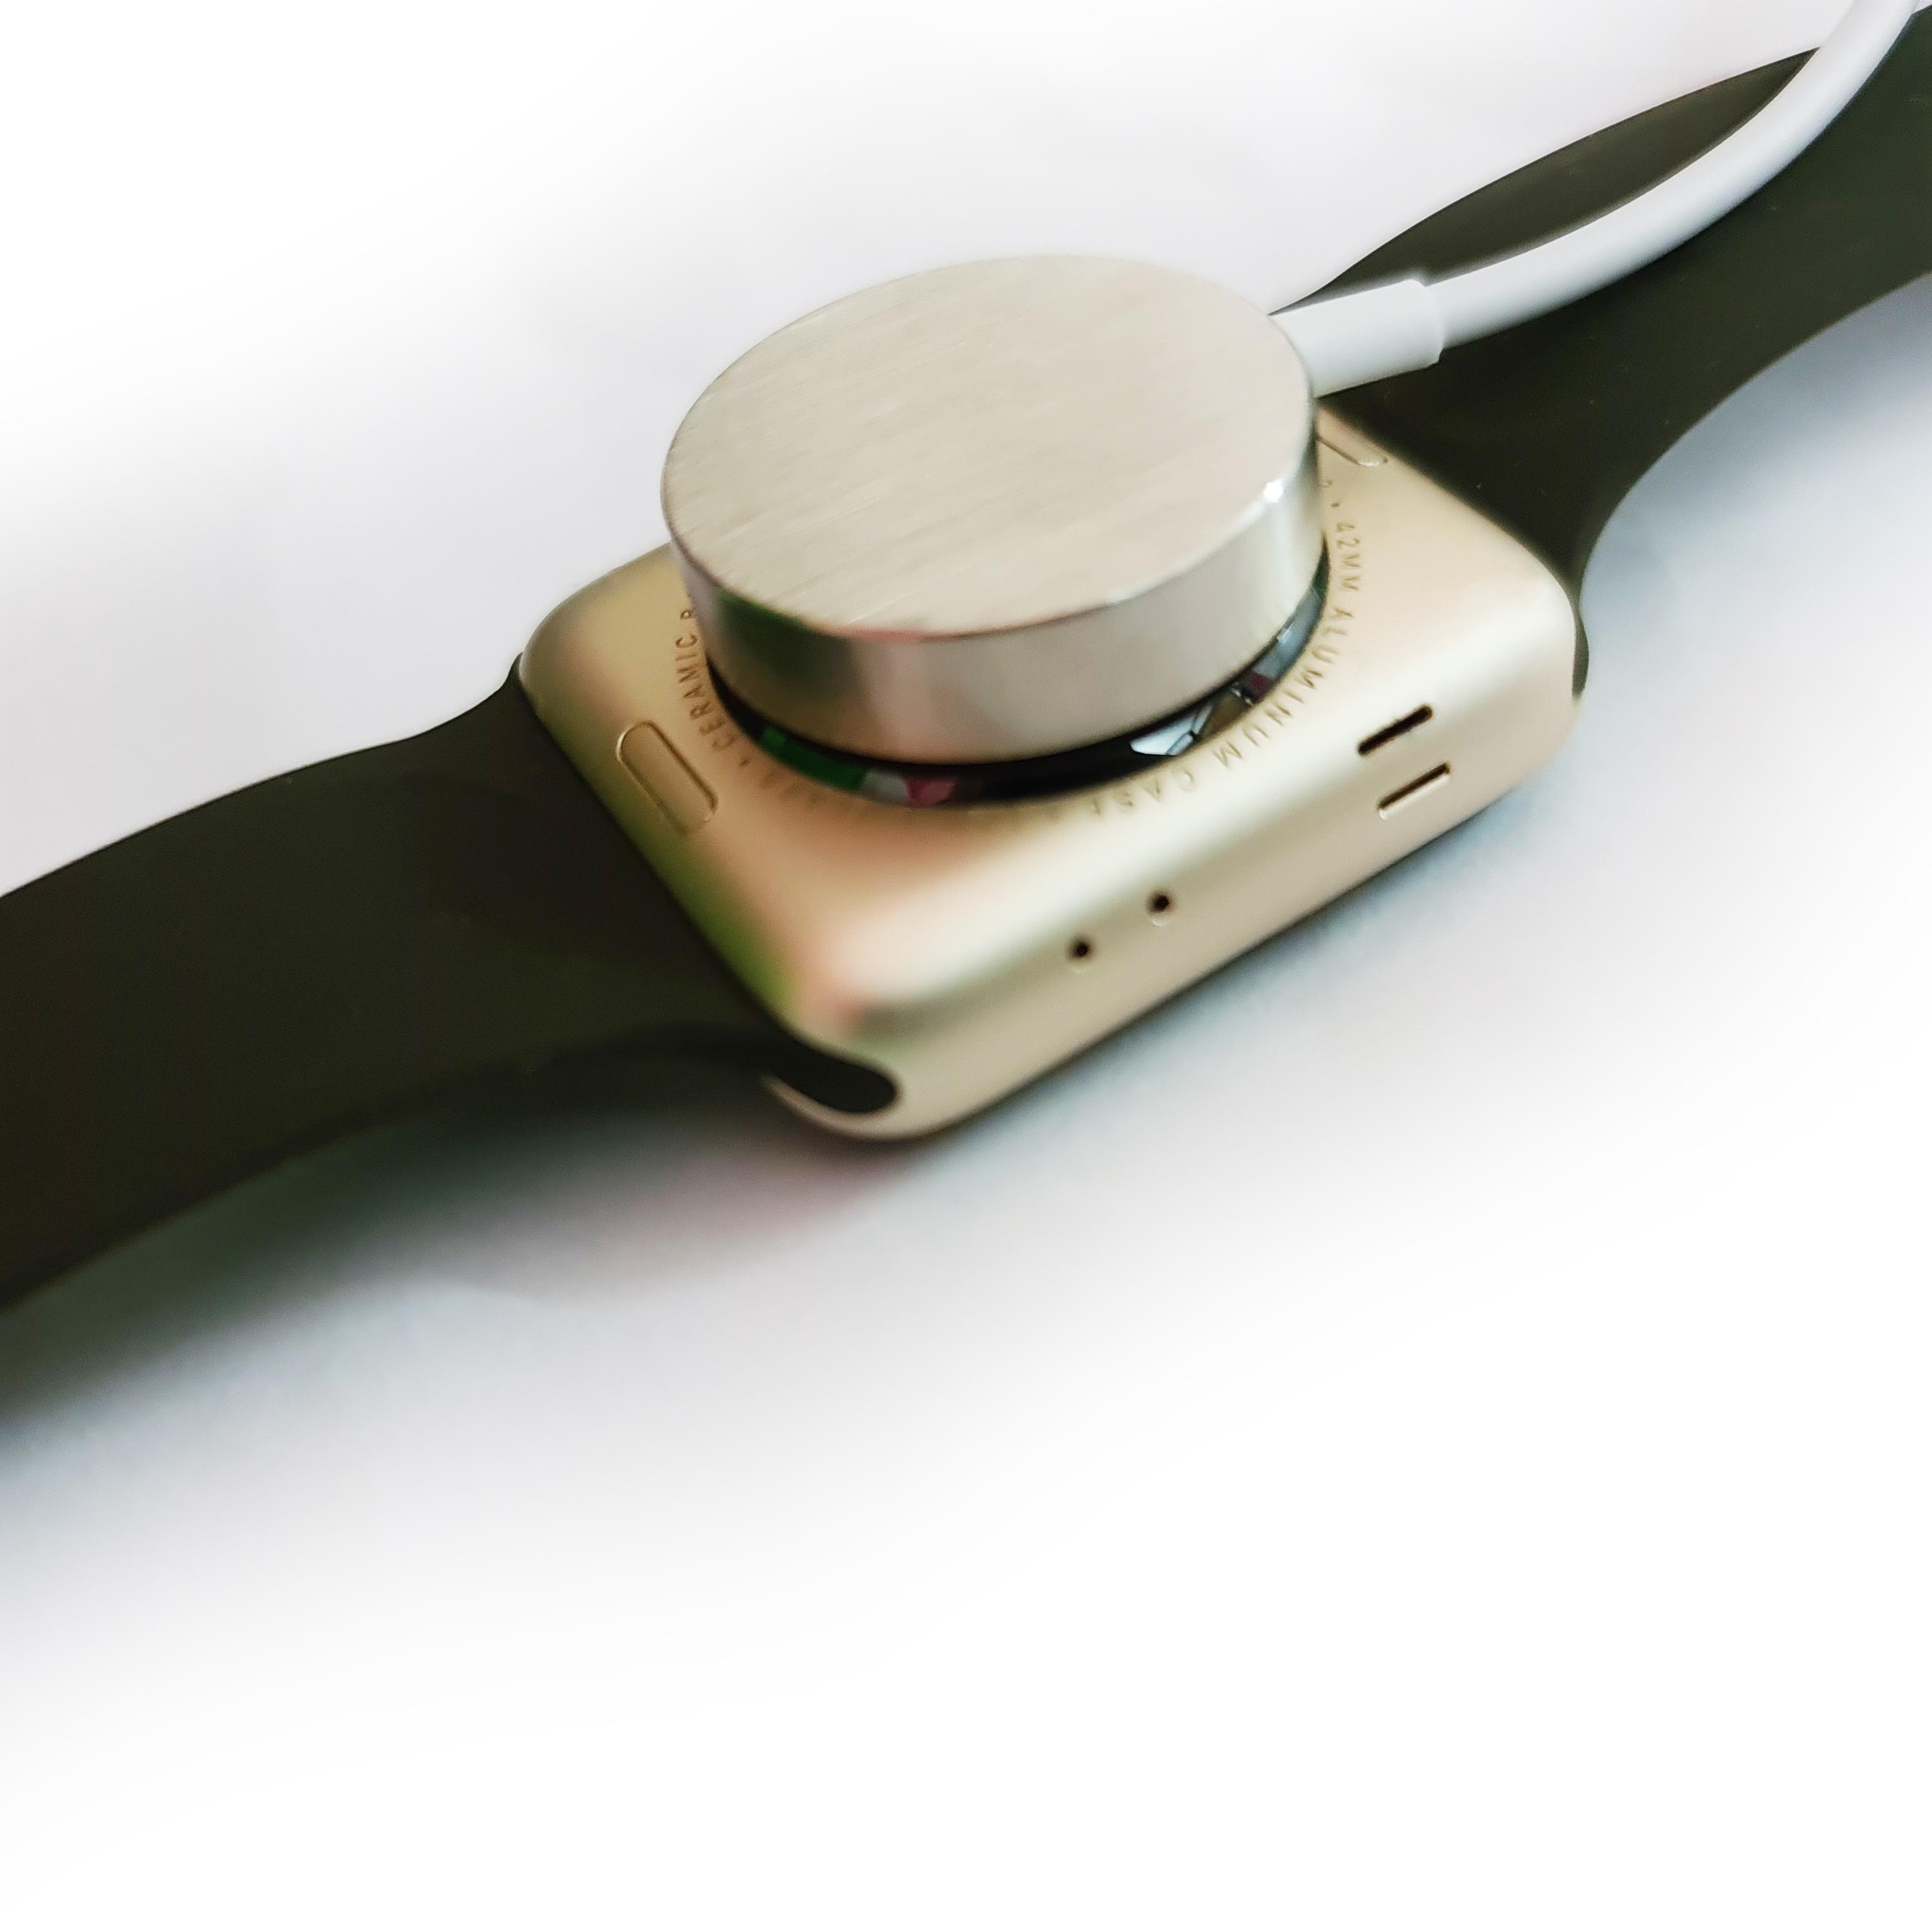 Dock Sạc Cáp Sạc Từ Không Dây Kim Loại Cho Apple Watch Thế hệ 1 2 3 4 5 Size 38/42mm 40/44mm